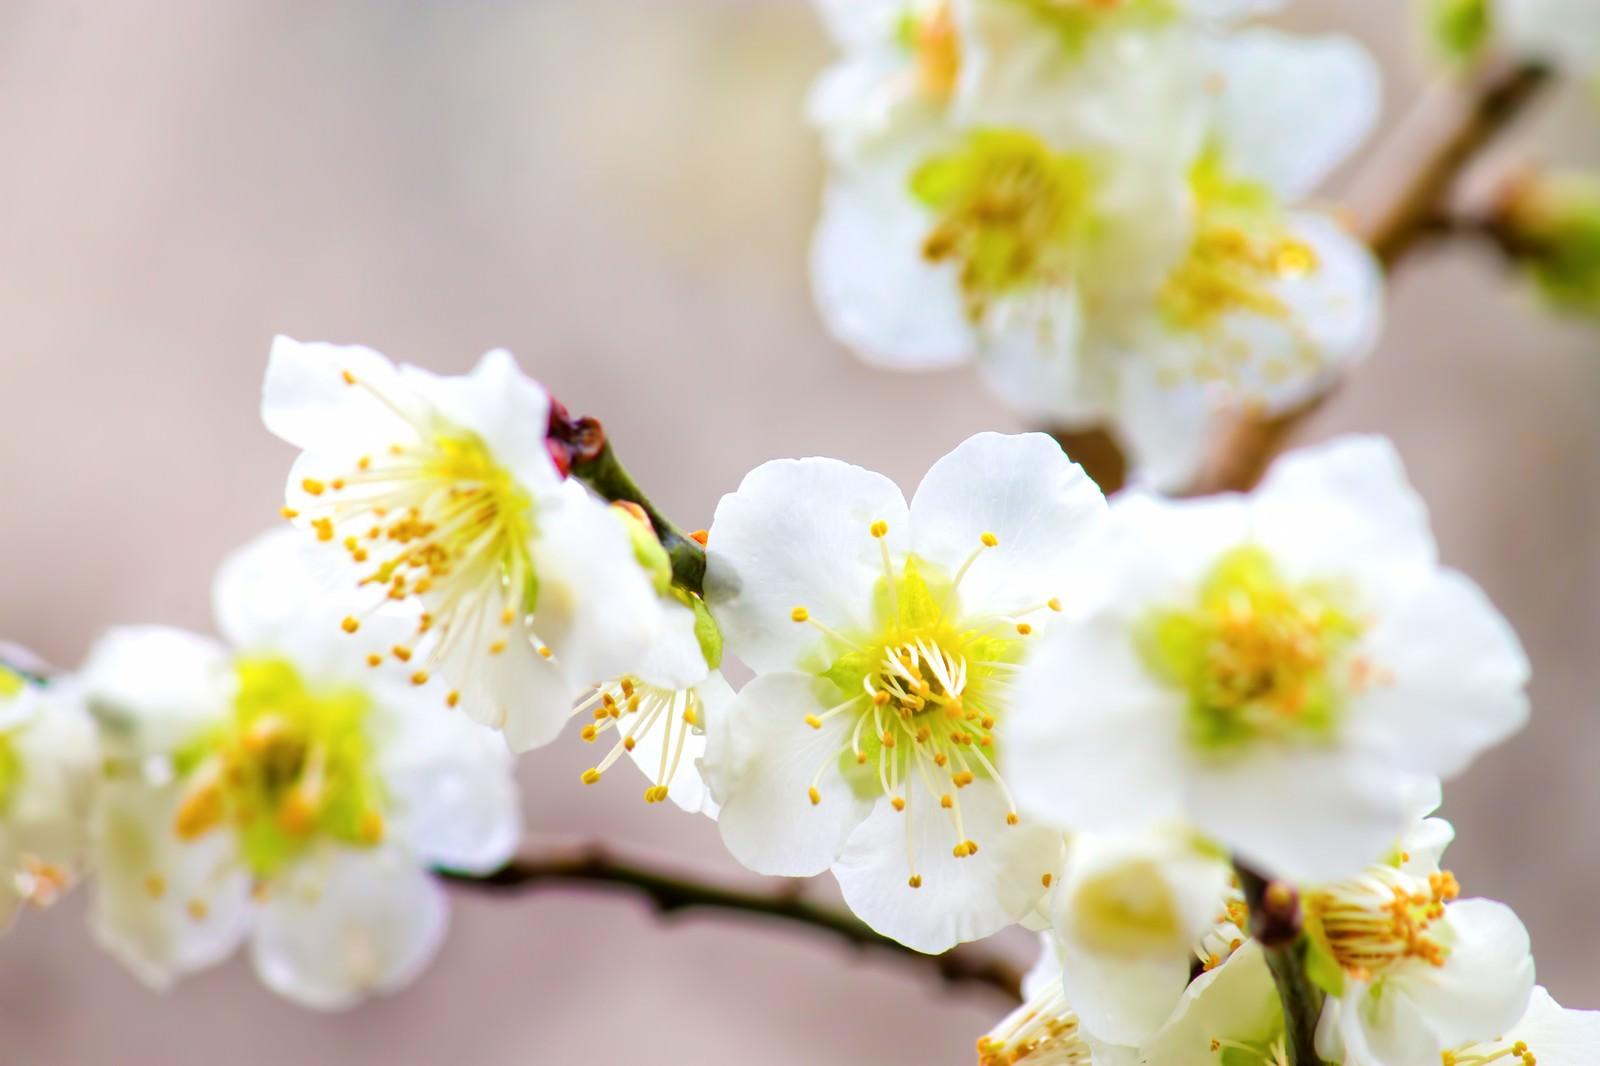 「白い梅の花のアップ」の写真